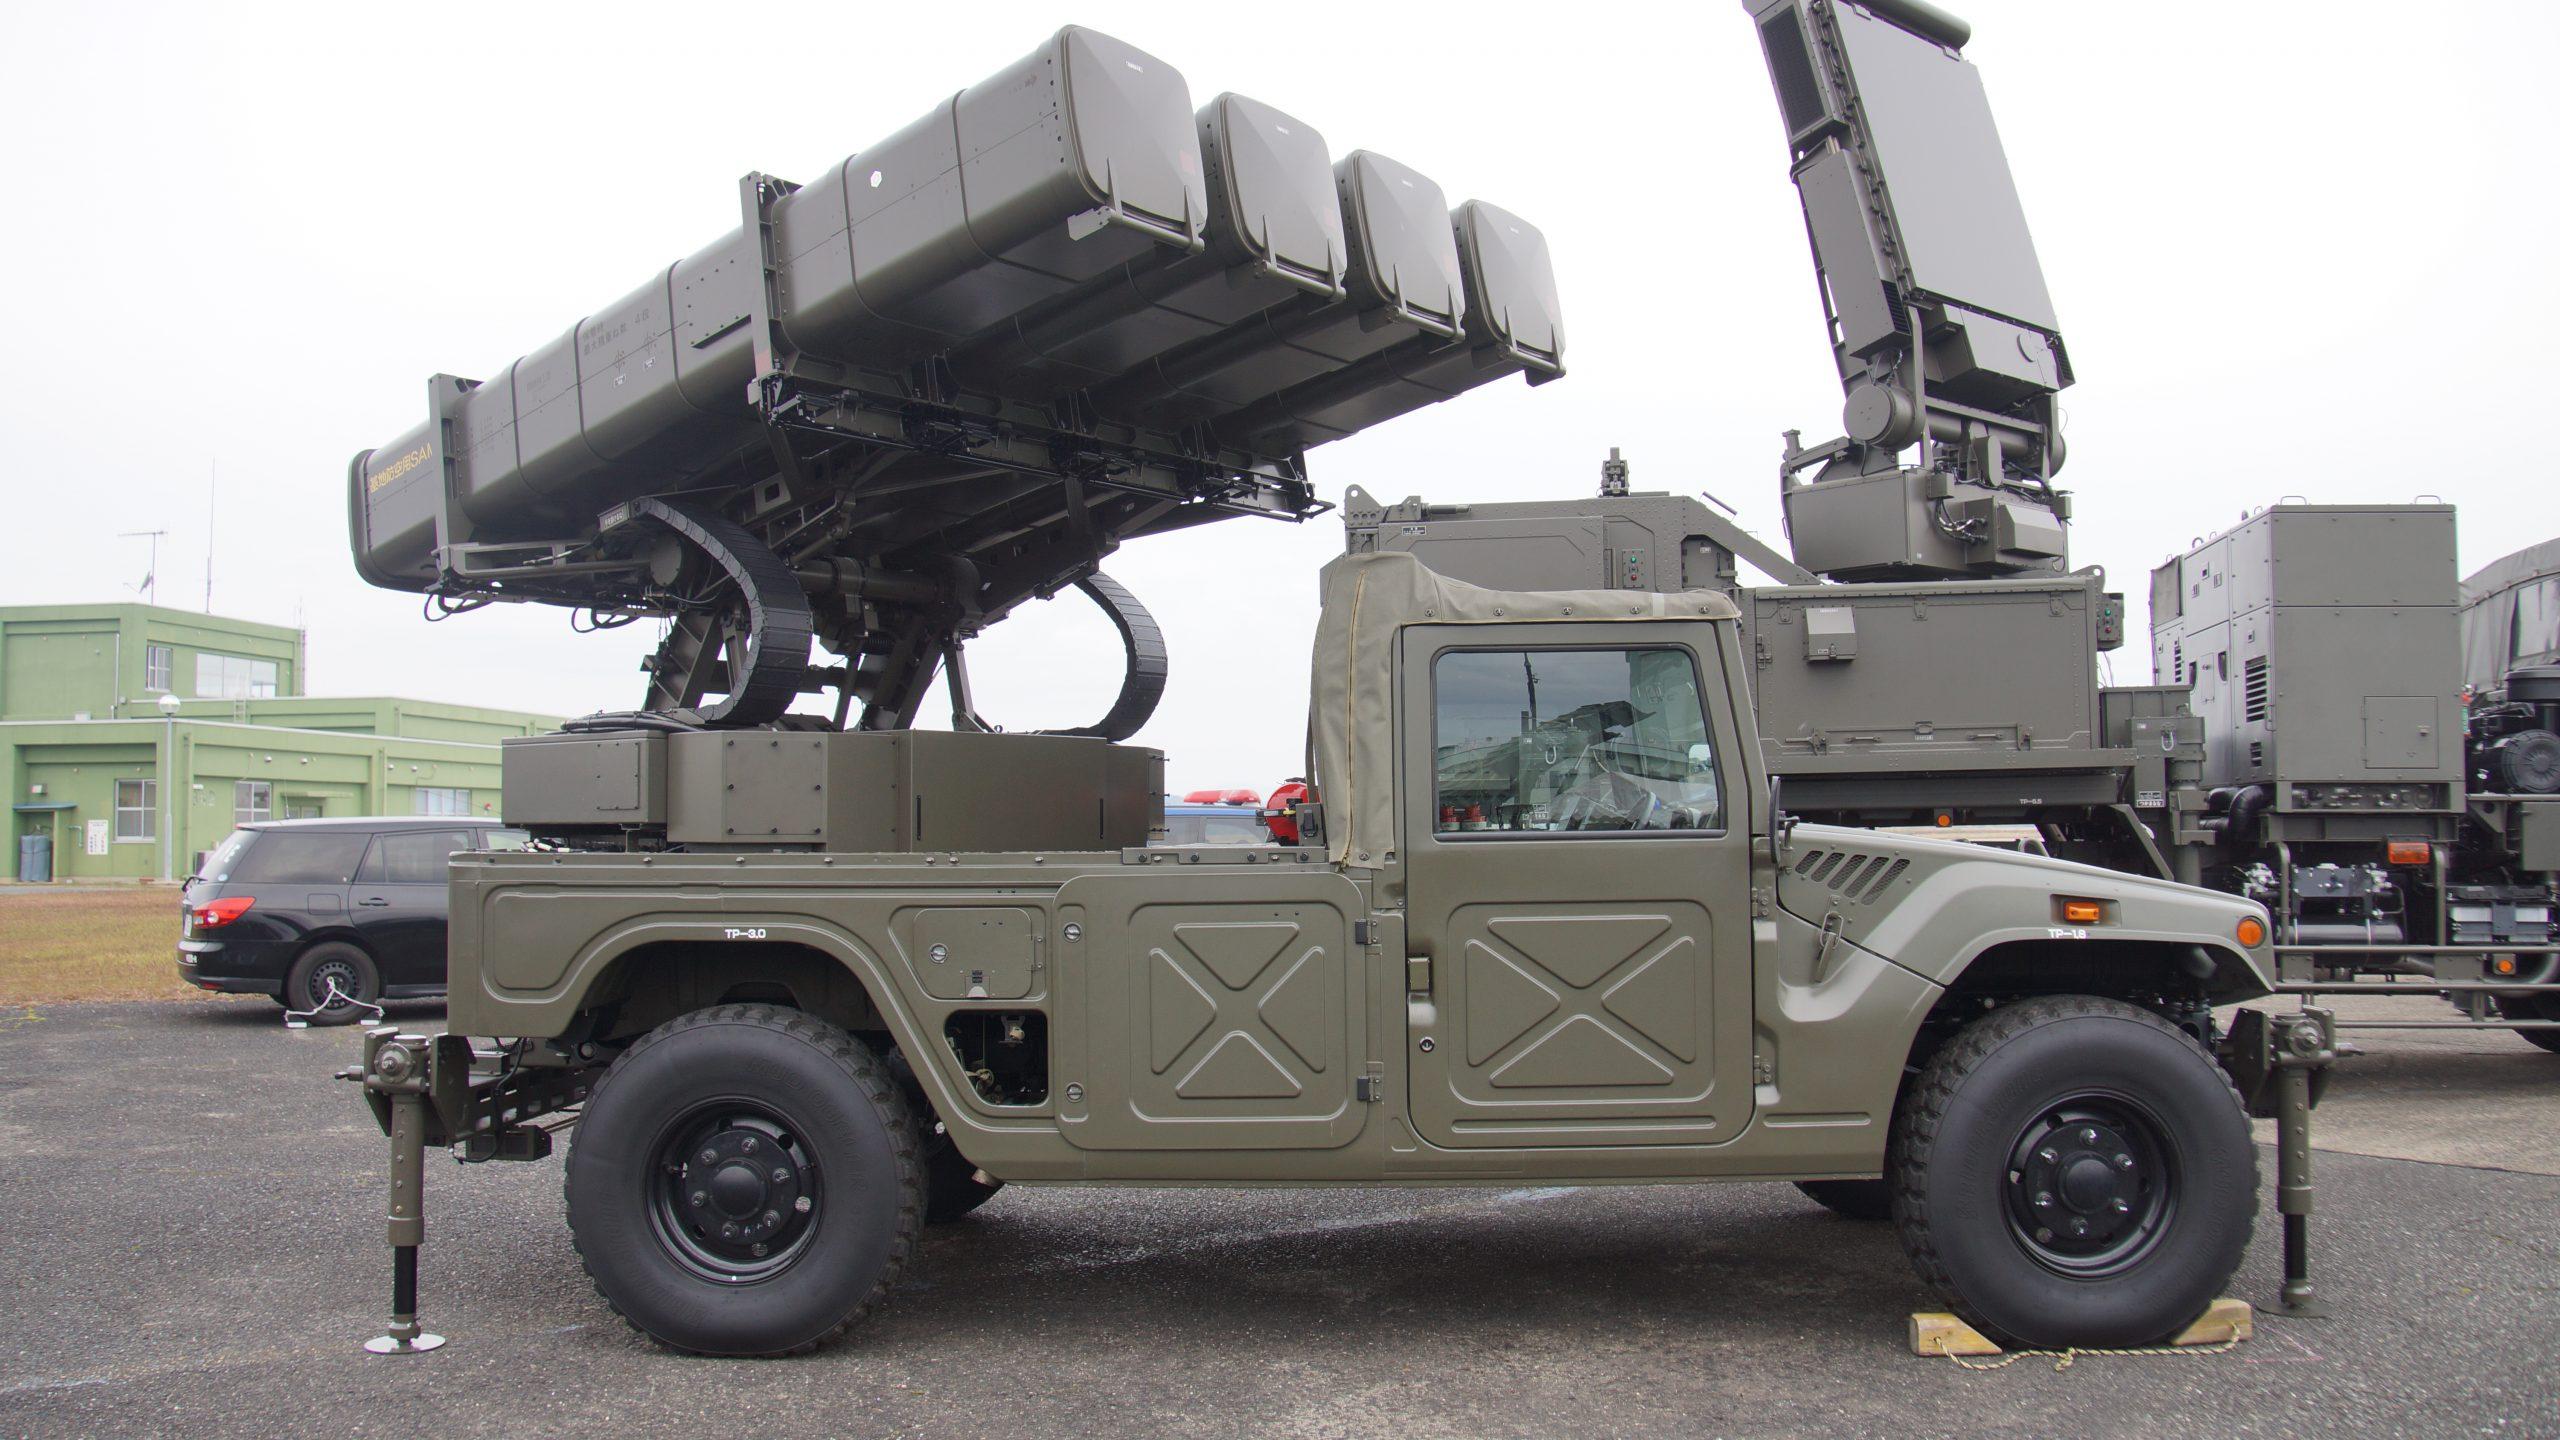 www.defenceturk.net